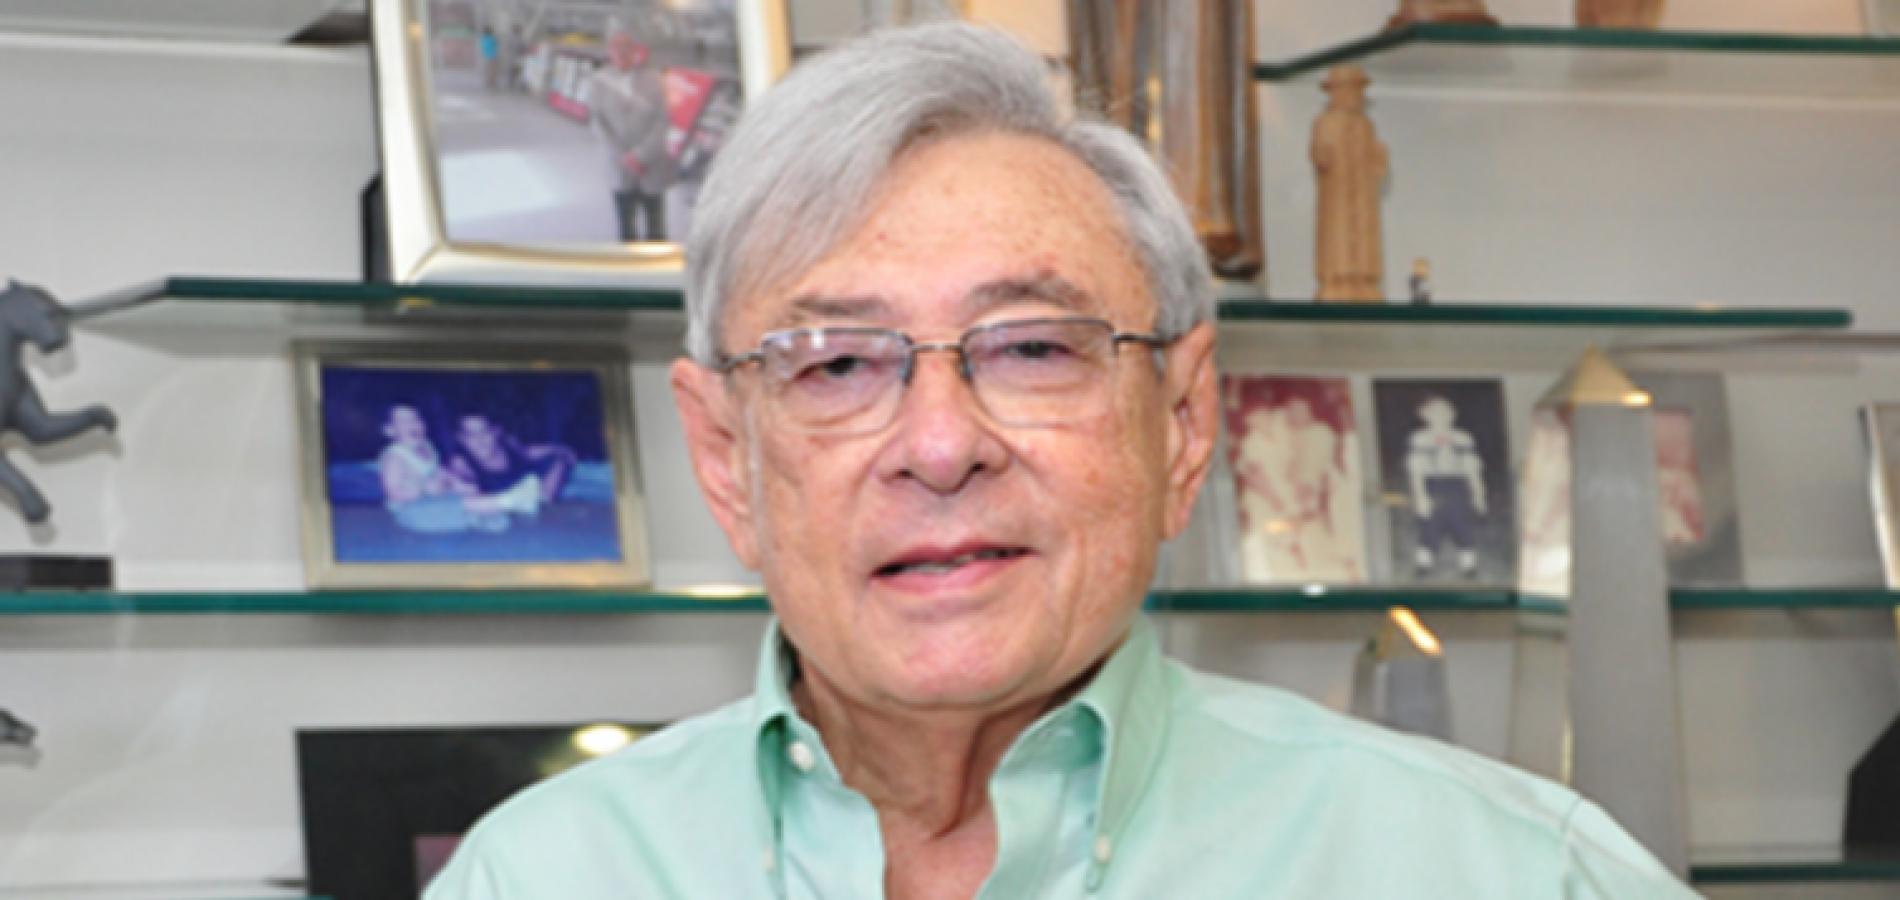 Morre Ivens Dias Branco, dono dos produtos 'Fortaleza'